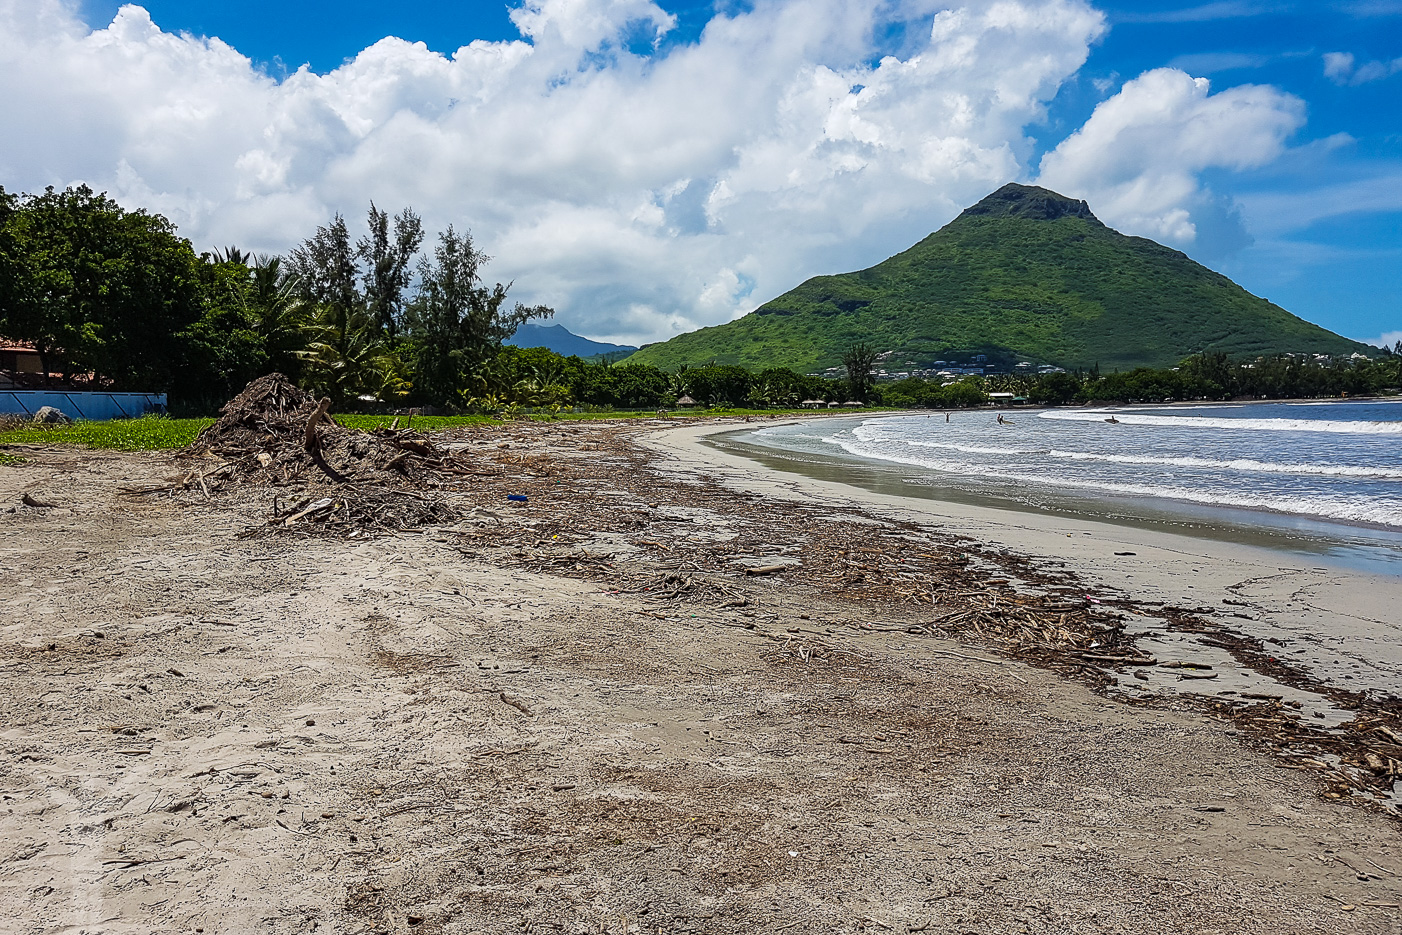 Som sagt, tyfonen som drog över Mauritius veckan innan vår ankomst hade lämnat tydliga spår efter sig.